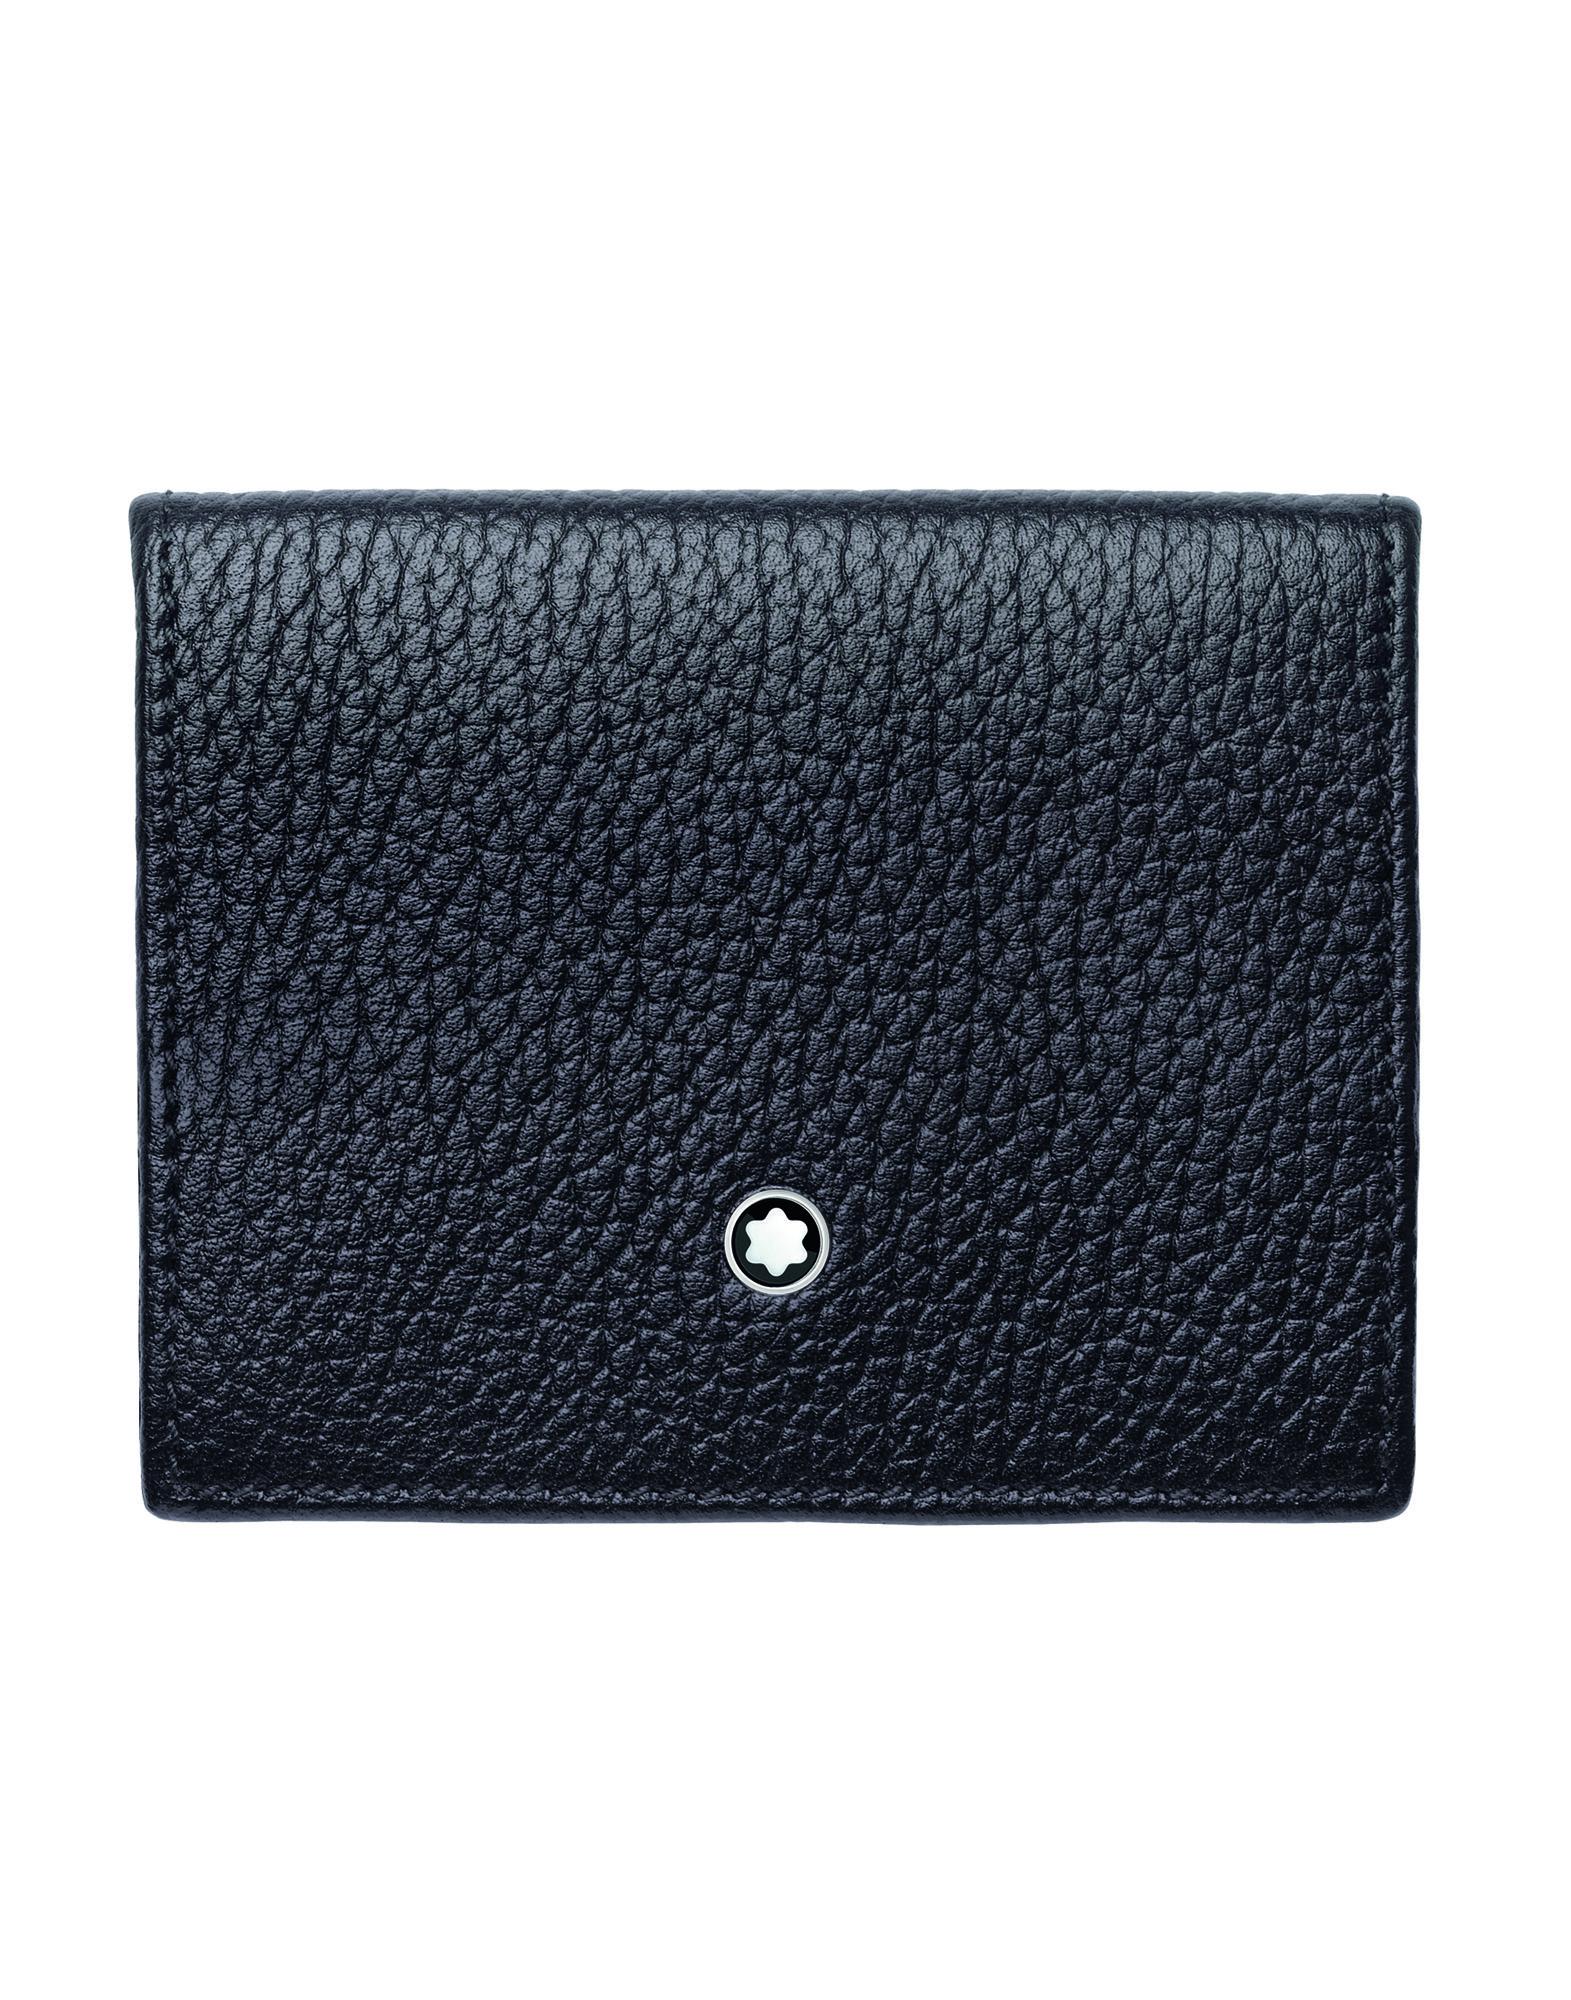 Portafoglio Montblanc Meisterstück Soft Grain Coin Case Black - Uomo - Acquista online su